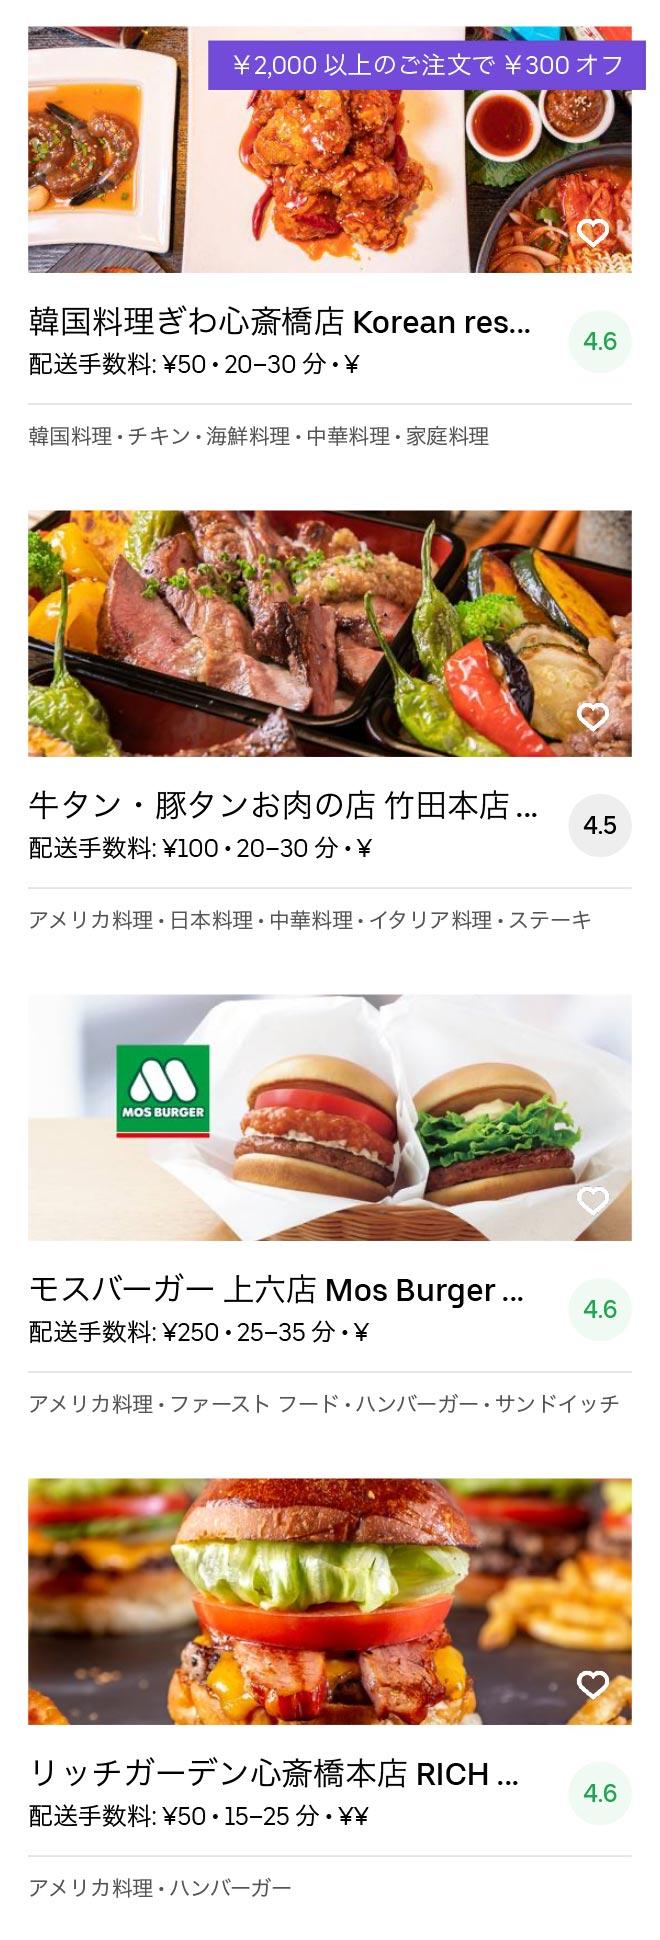 Osaka nanba menu 2005 07